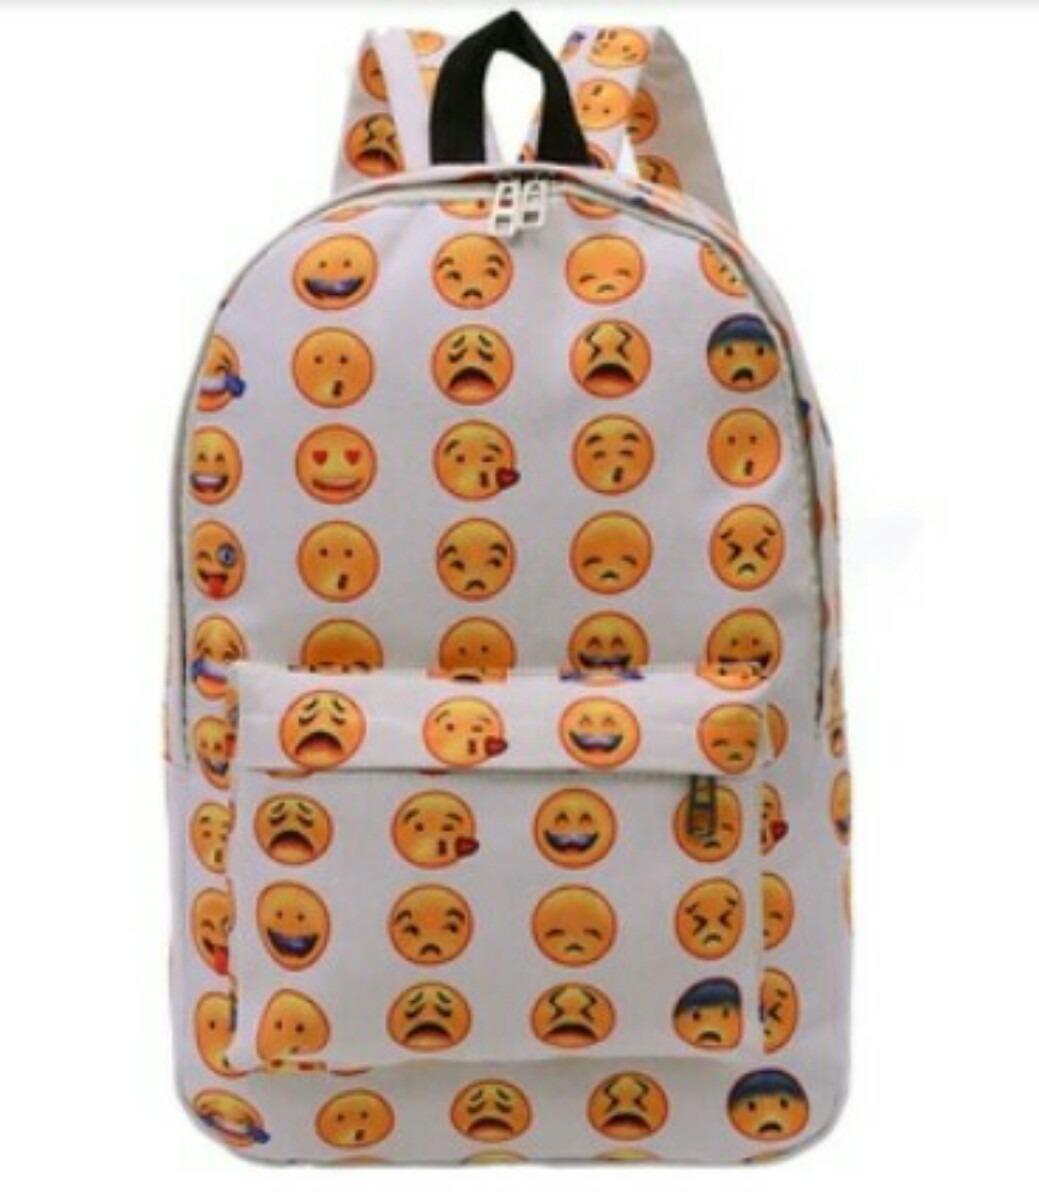 lo último 54cda 76c81 Mochilas Emojis Emoticons Carinhas